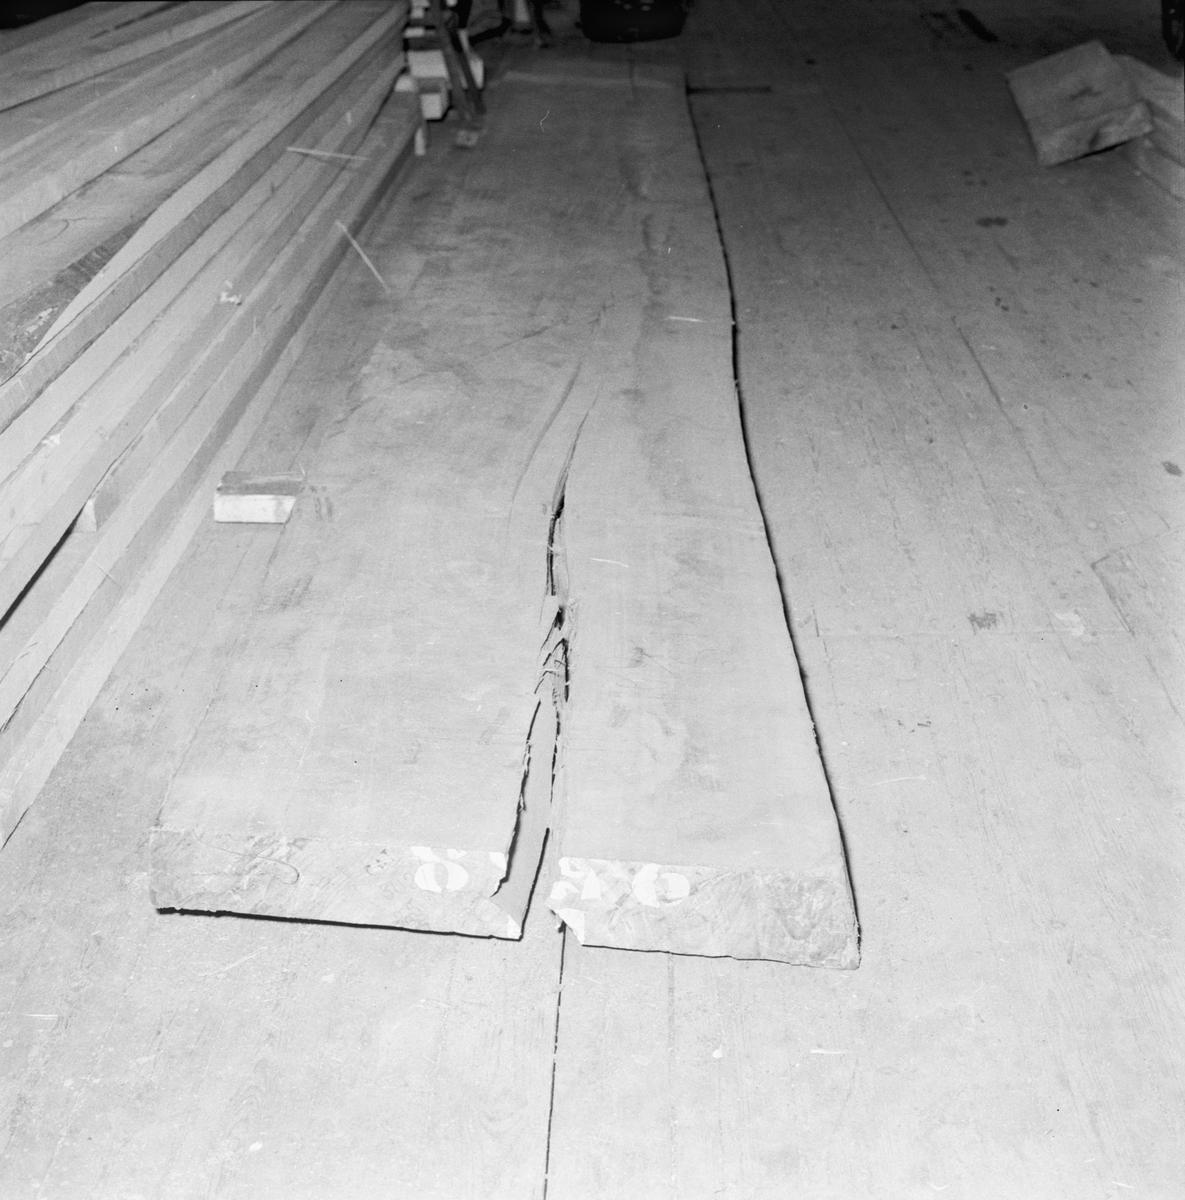 Övrigt: Foto datum: 28/3 1956 Byggnader och kranar Utrustningsverkstan sprucken planka